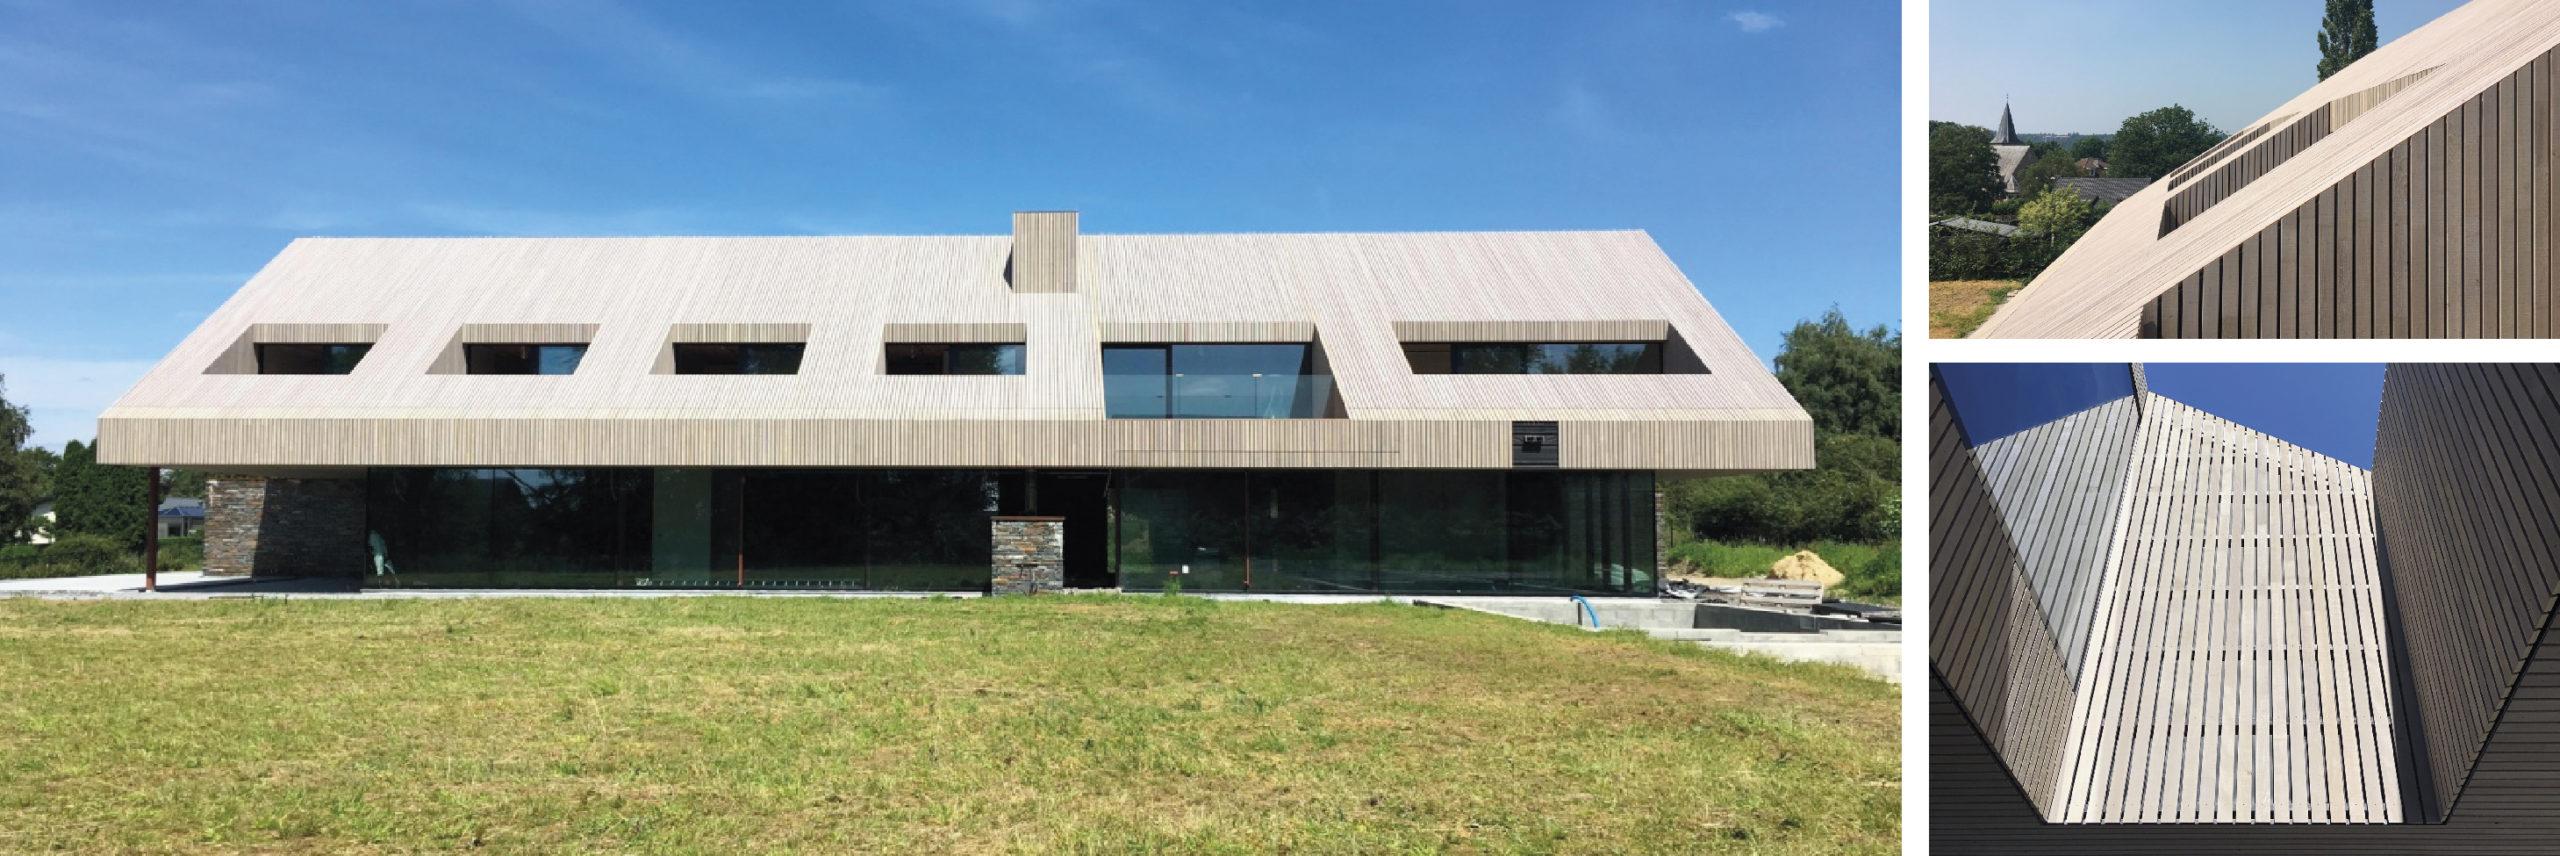 Einfamilienhaus (Ref.: 112064), wo das komplette Dach mit Dura Sidings gedeckt worden ist.  Produkt: Dura Patina, Deckleiste, keilgezinkt, 21x65mm, lavagrau. Architekturbüro: Crahay